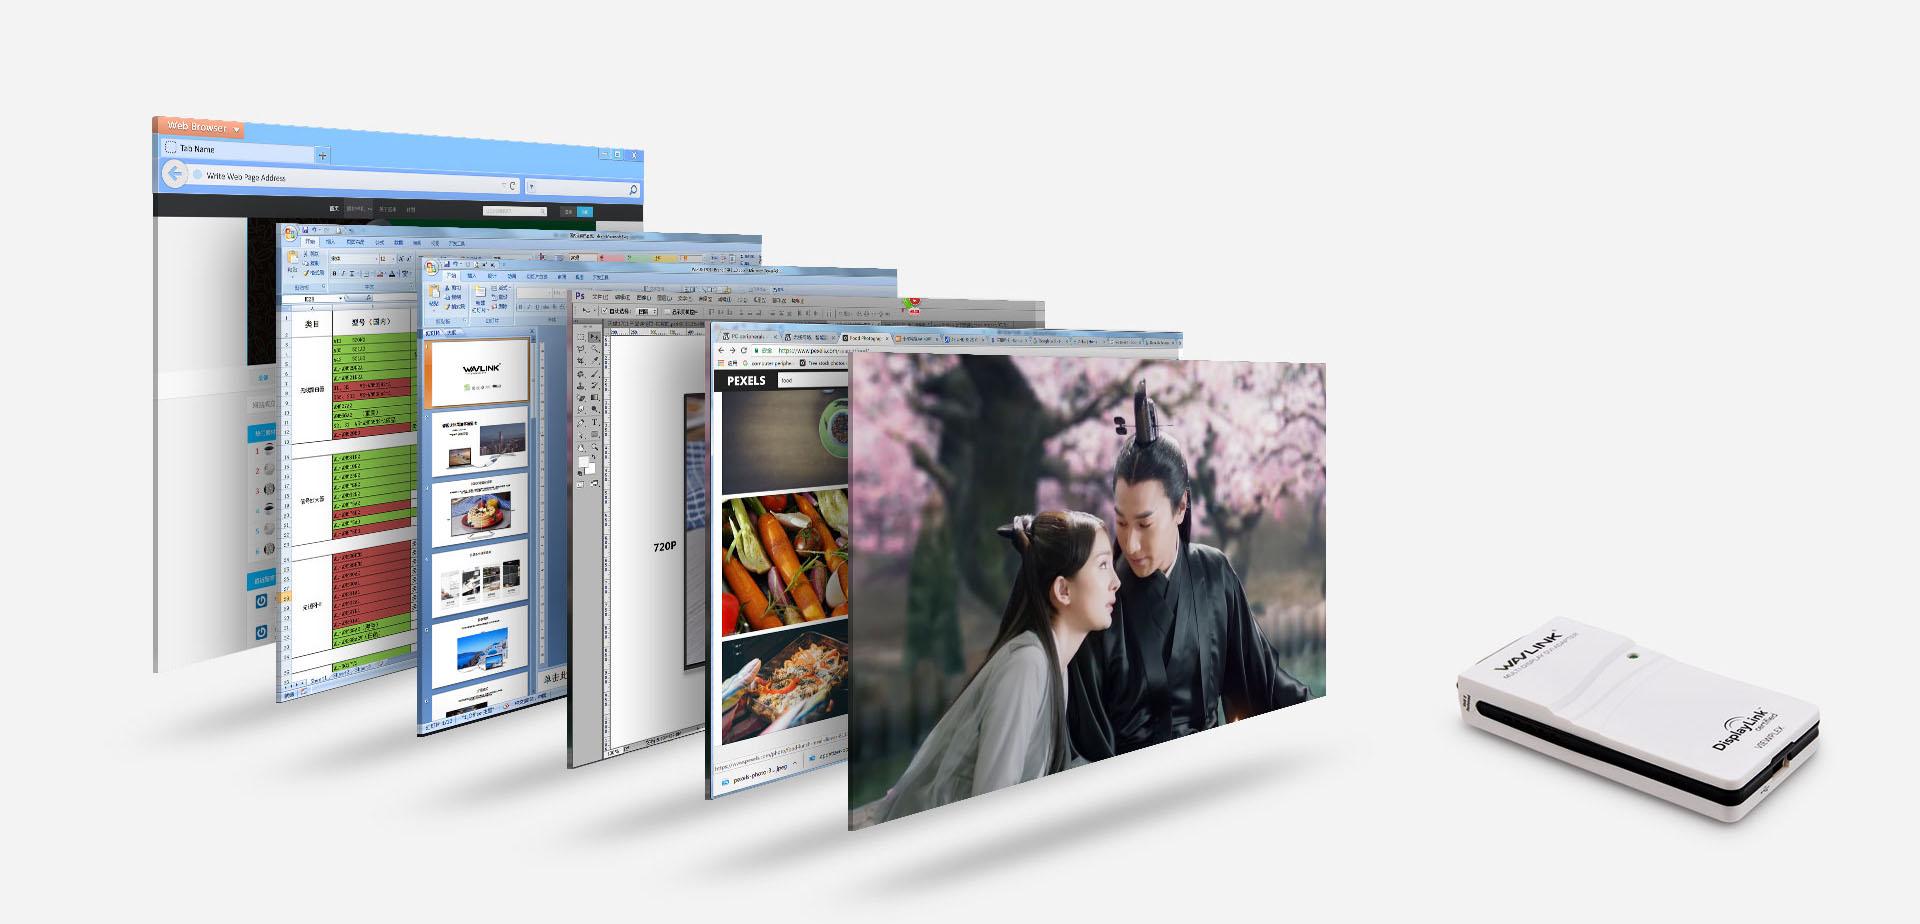 支持最多扩展到六台显示器